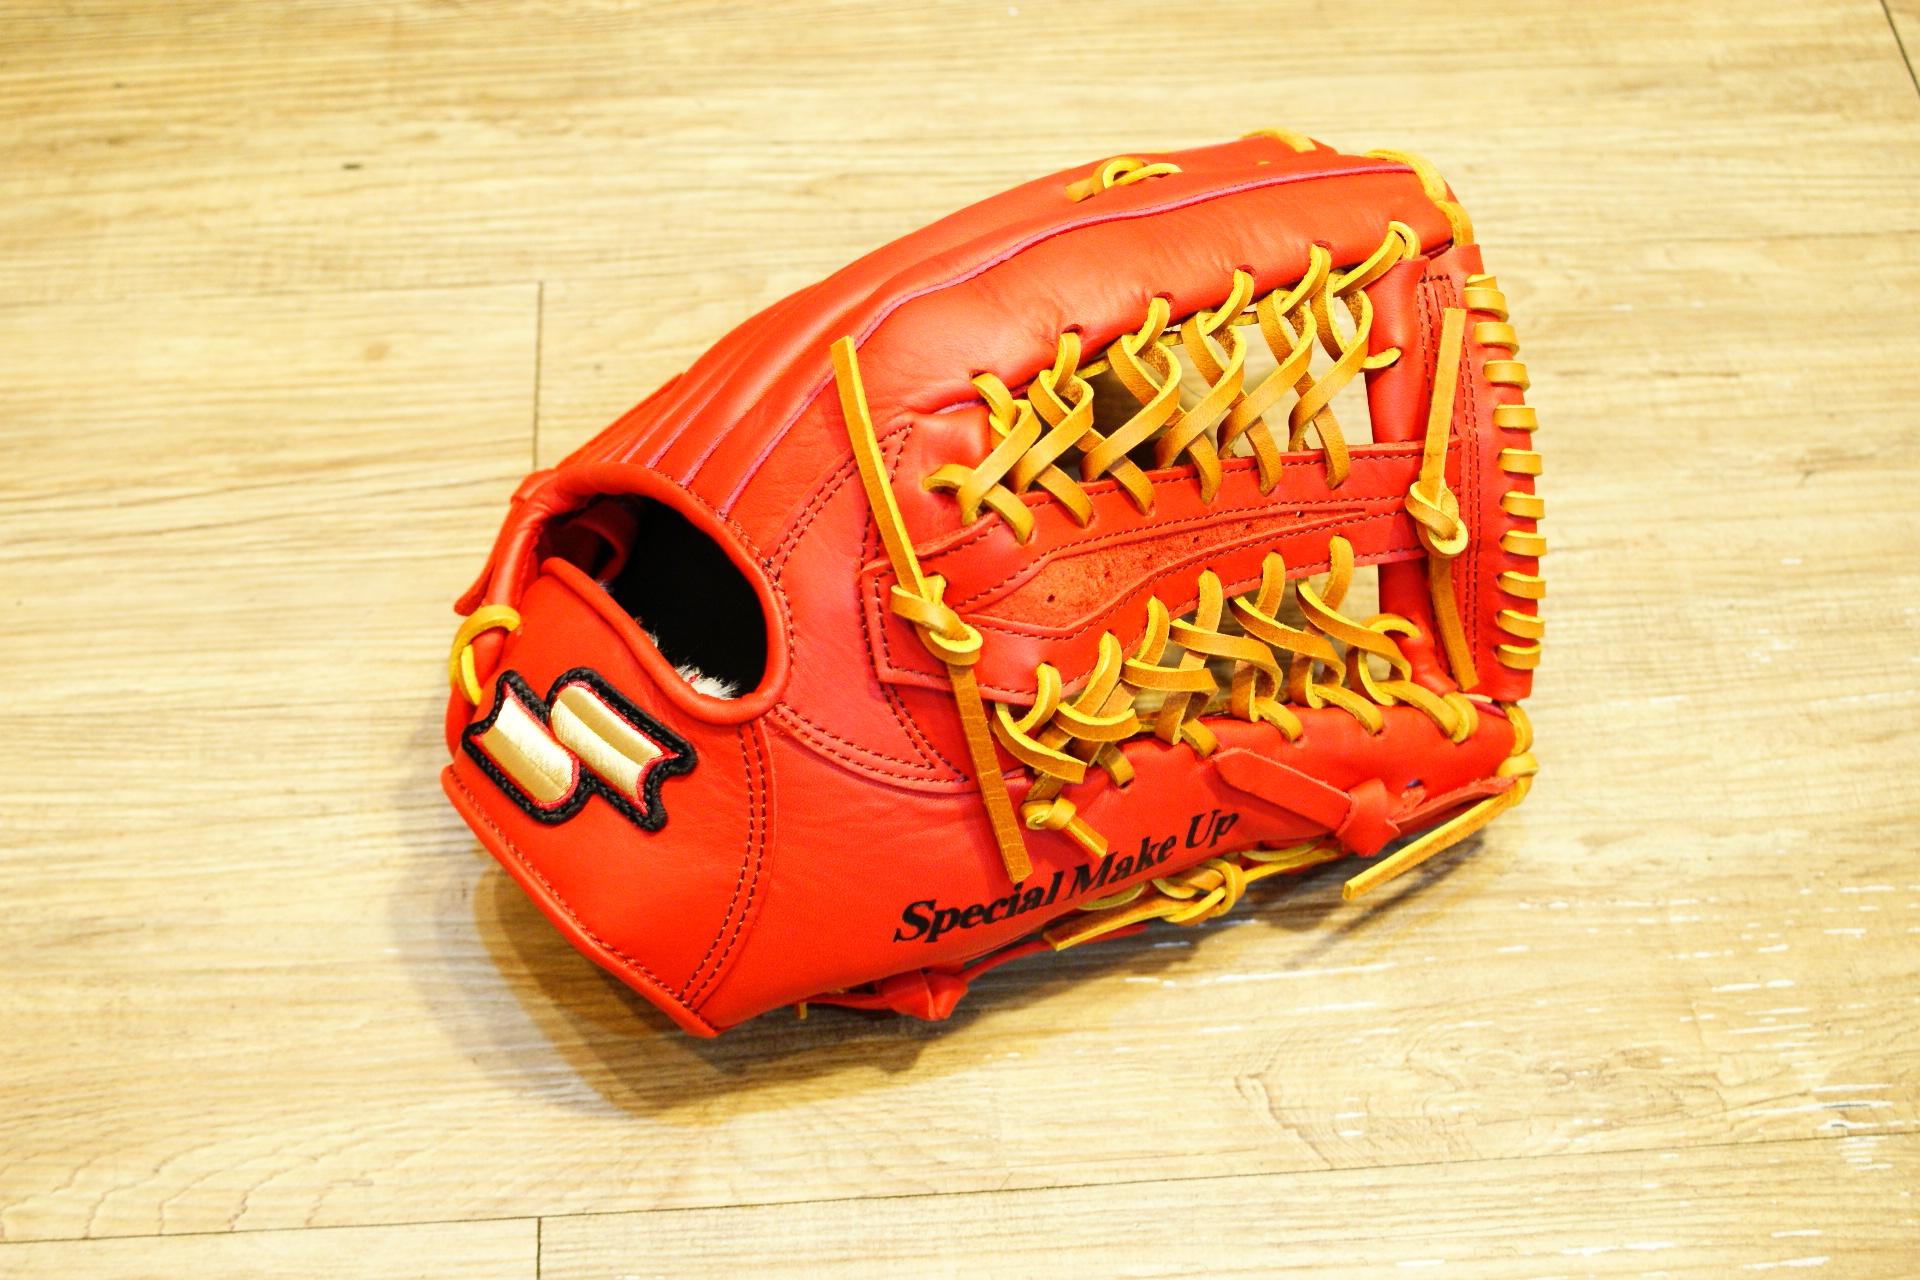 棒球世界全新SSK金標全牛皮棒壘球手套 外野鑽石T網球檔 特價 紅色